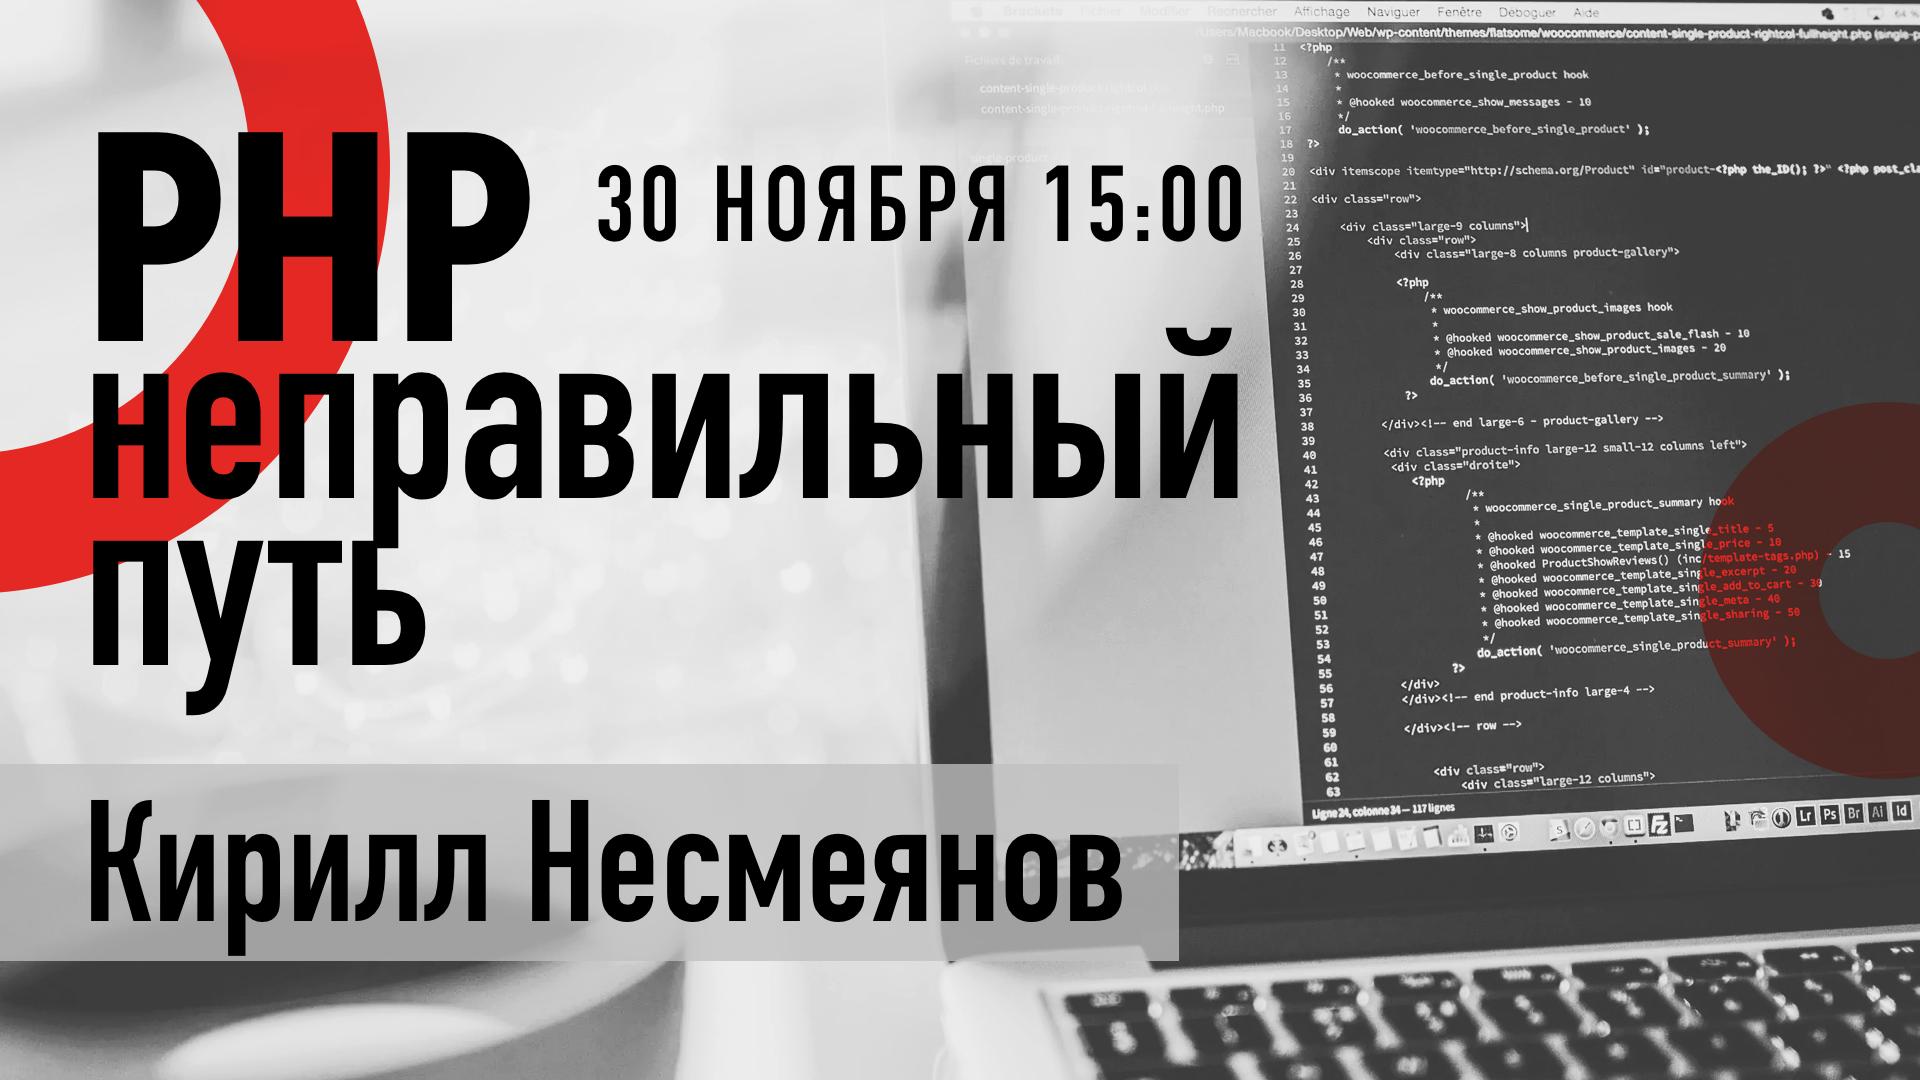 Митап по PHP в Иванове